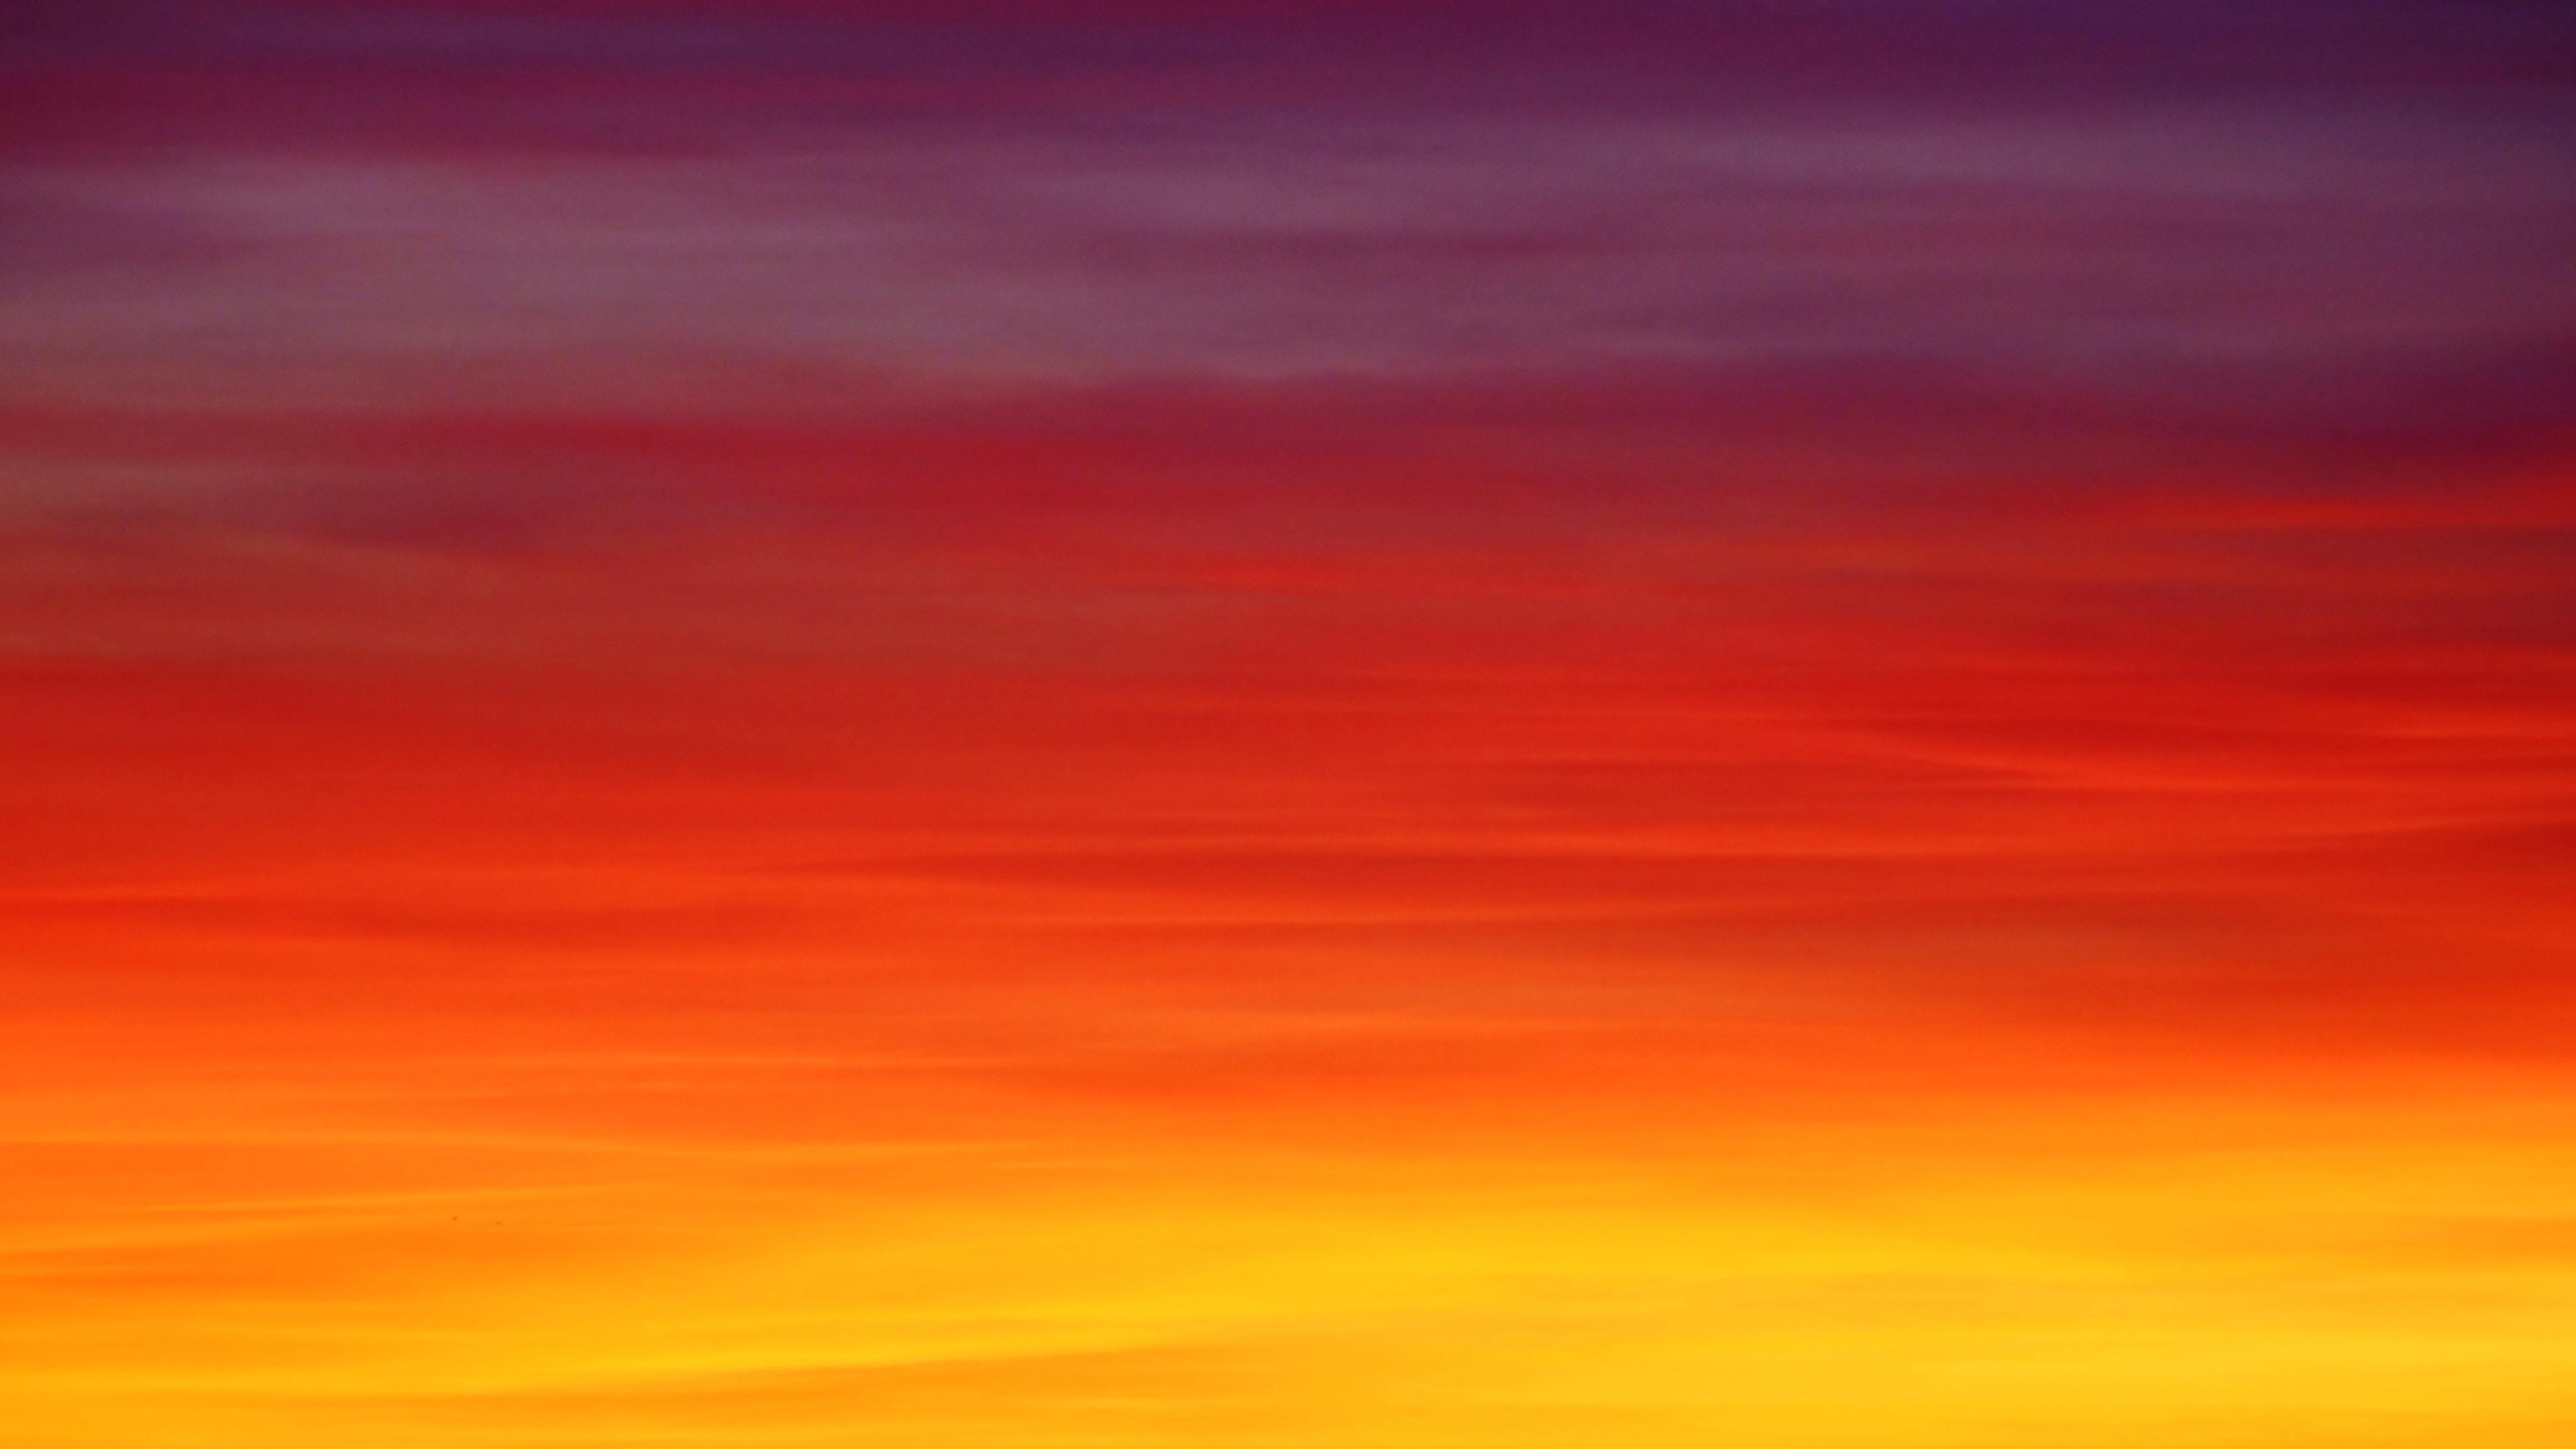 Ảnh background bầu trời hoàng hôn đỏ rực như cam